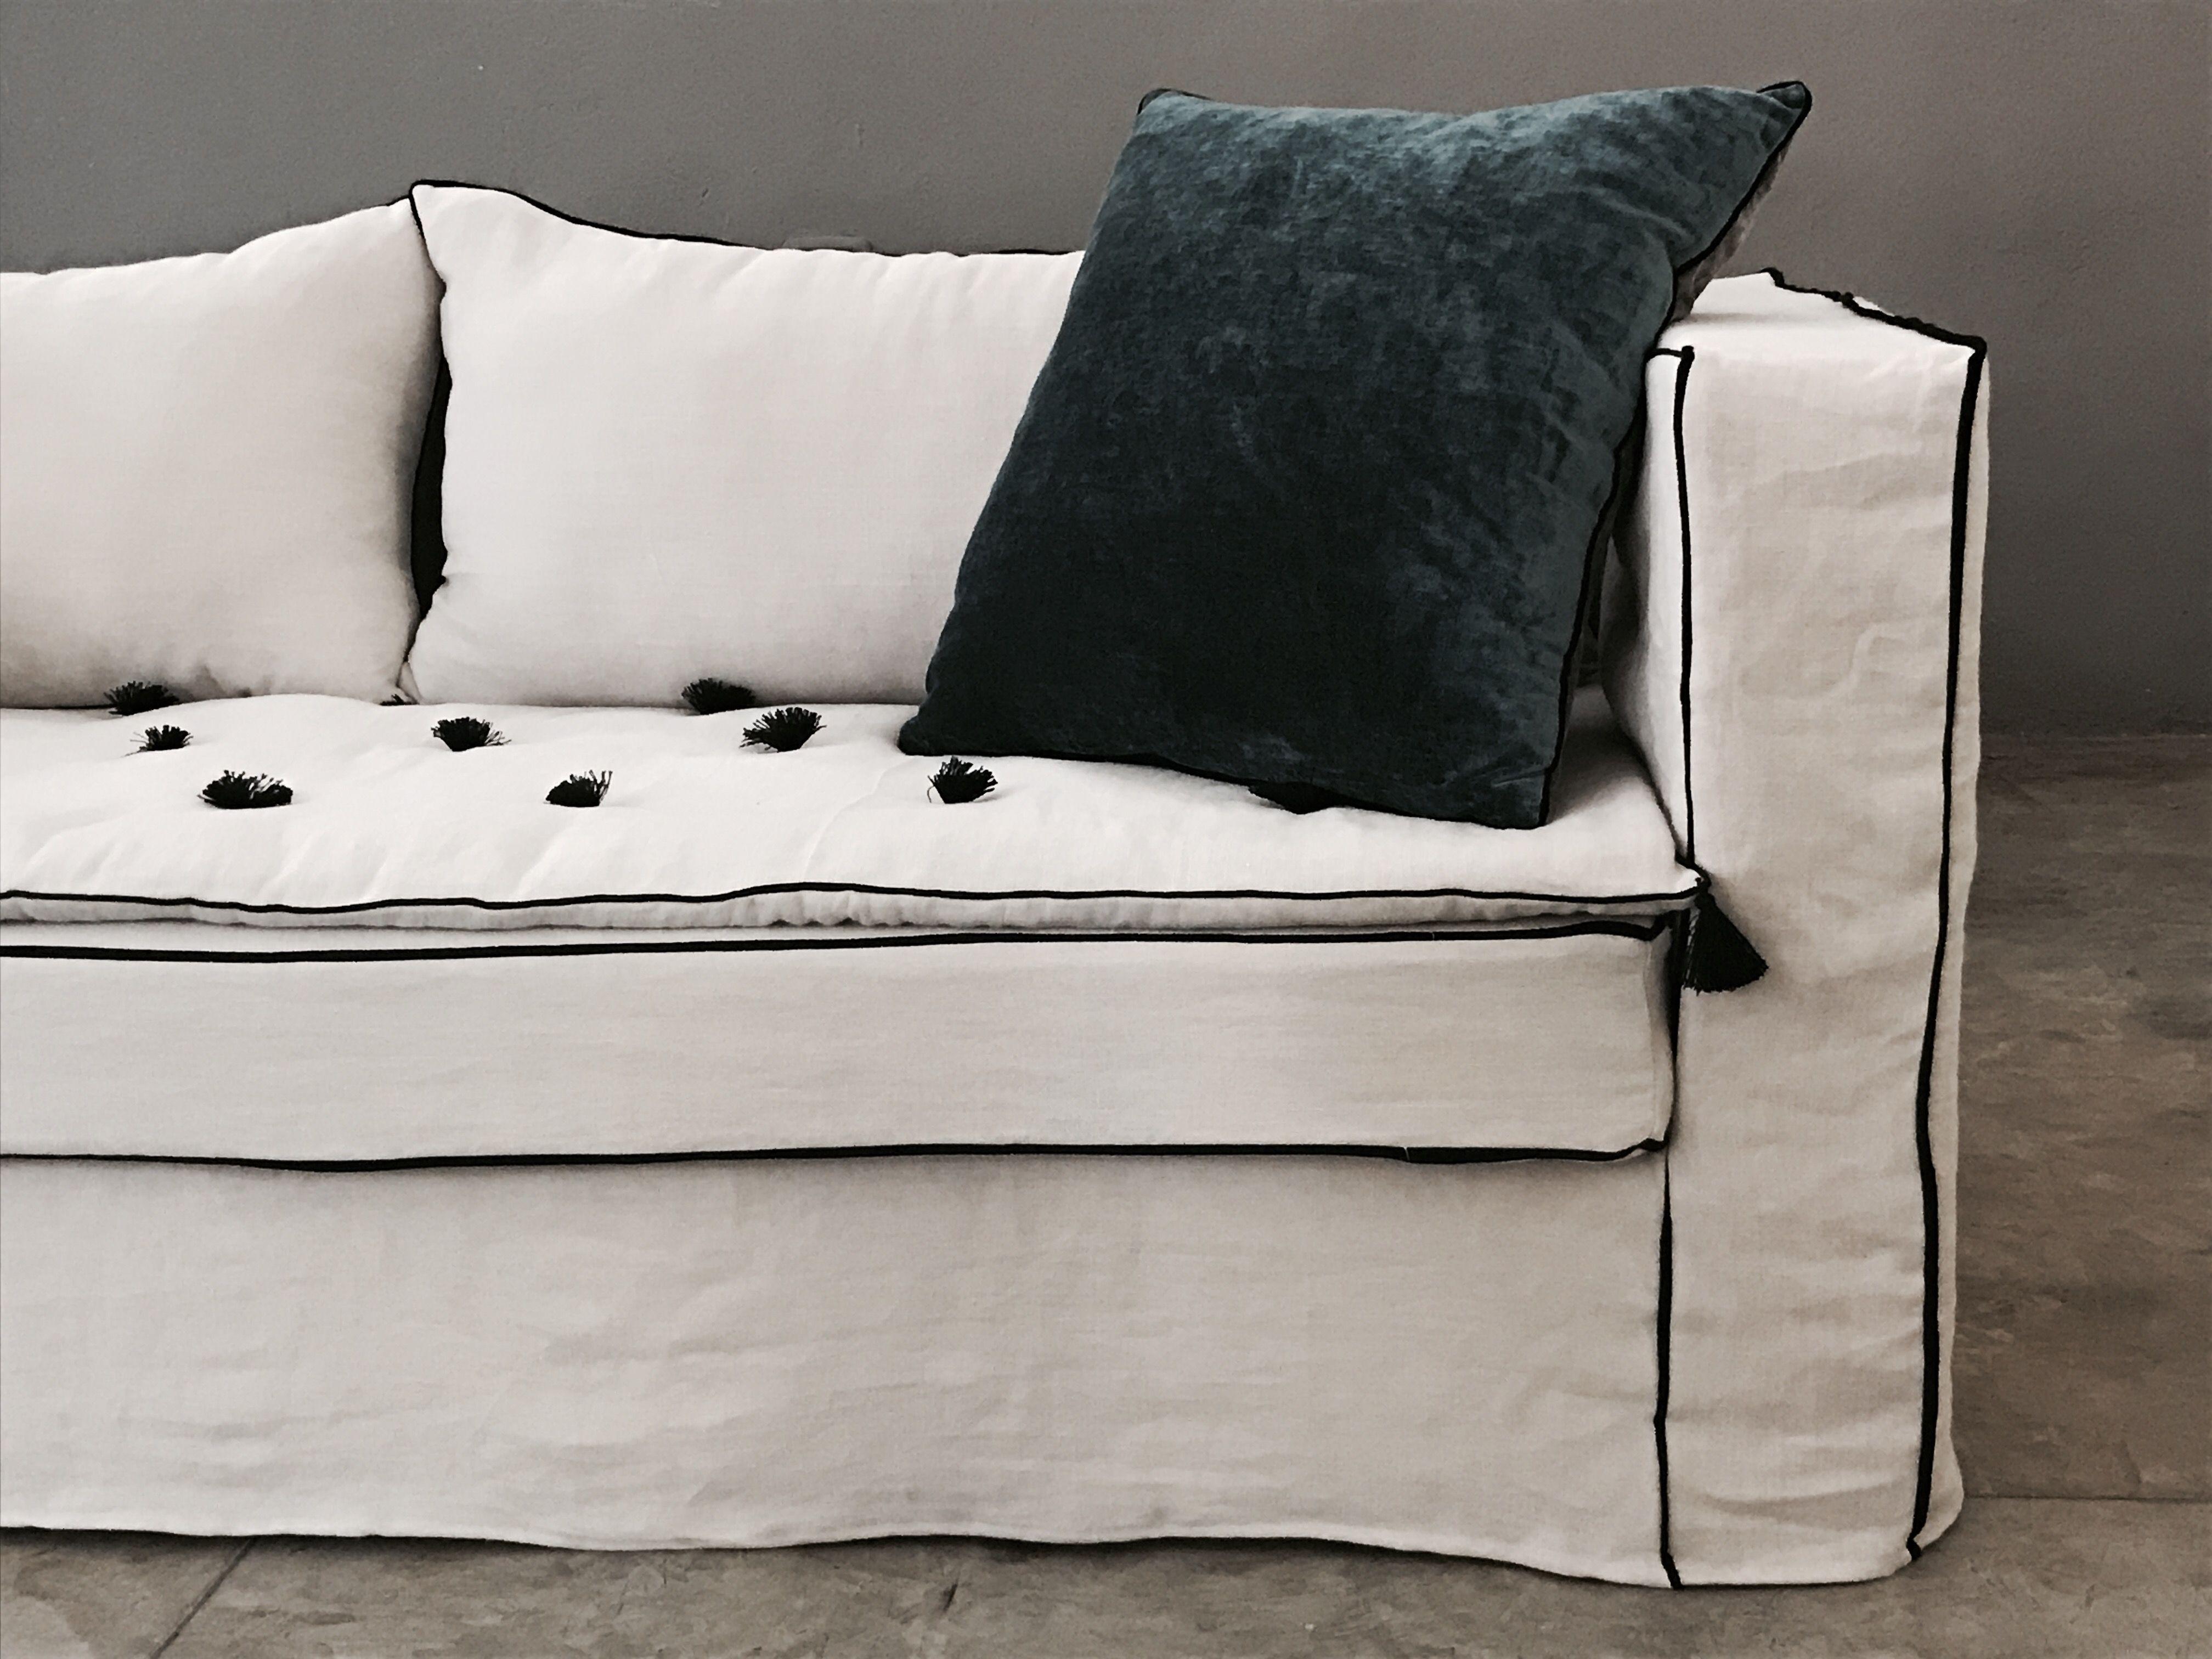 Canape Sur Mesure En Lin Lave Blanc Ambre Avec Liseret De Velours Noir Canape Canape Lin Housse Canape